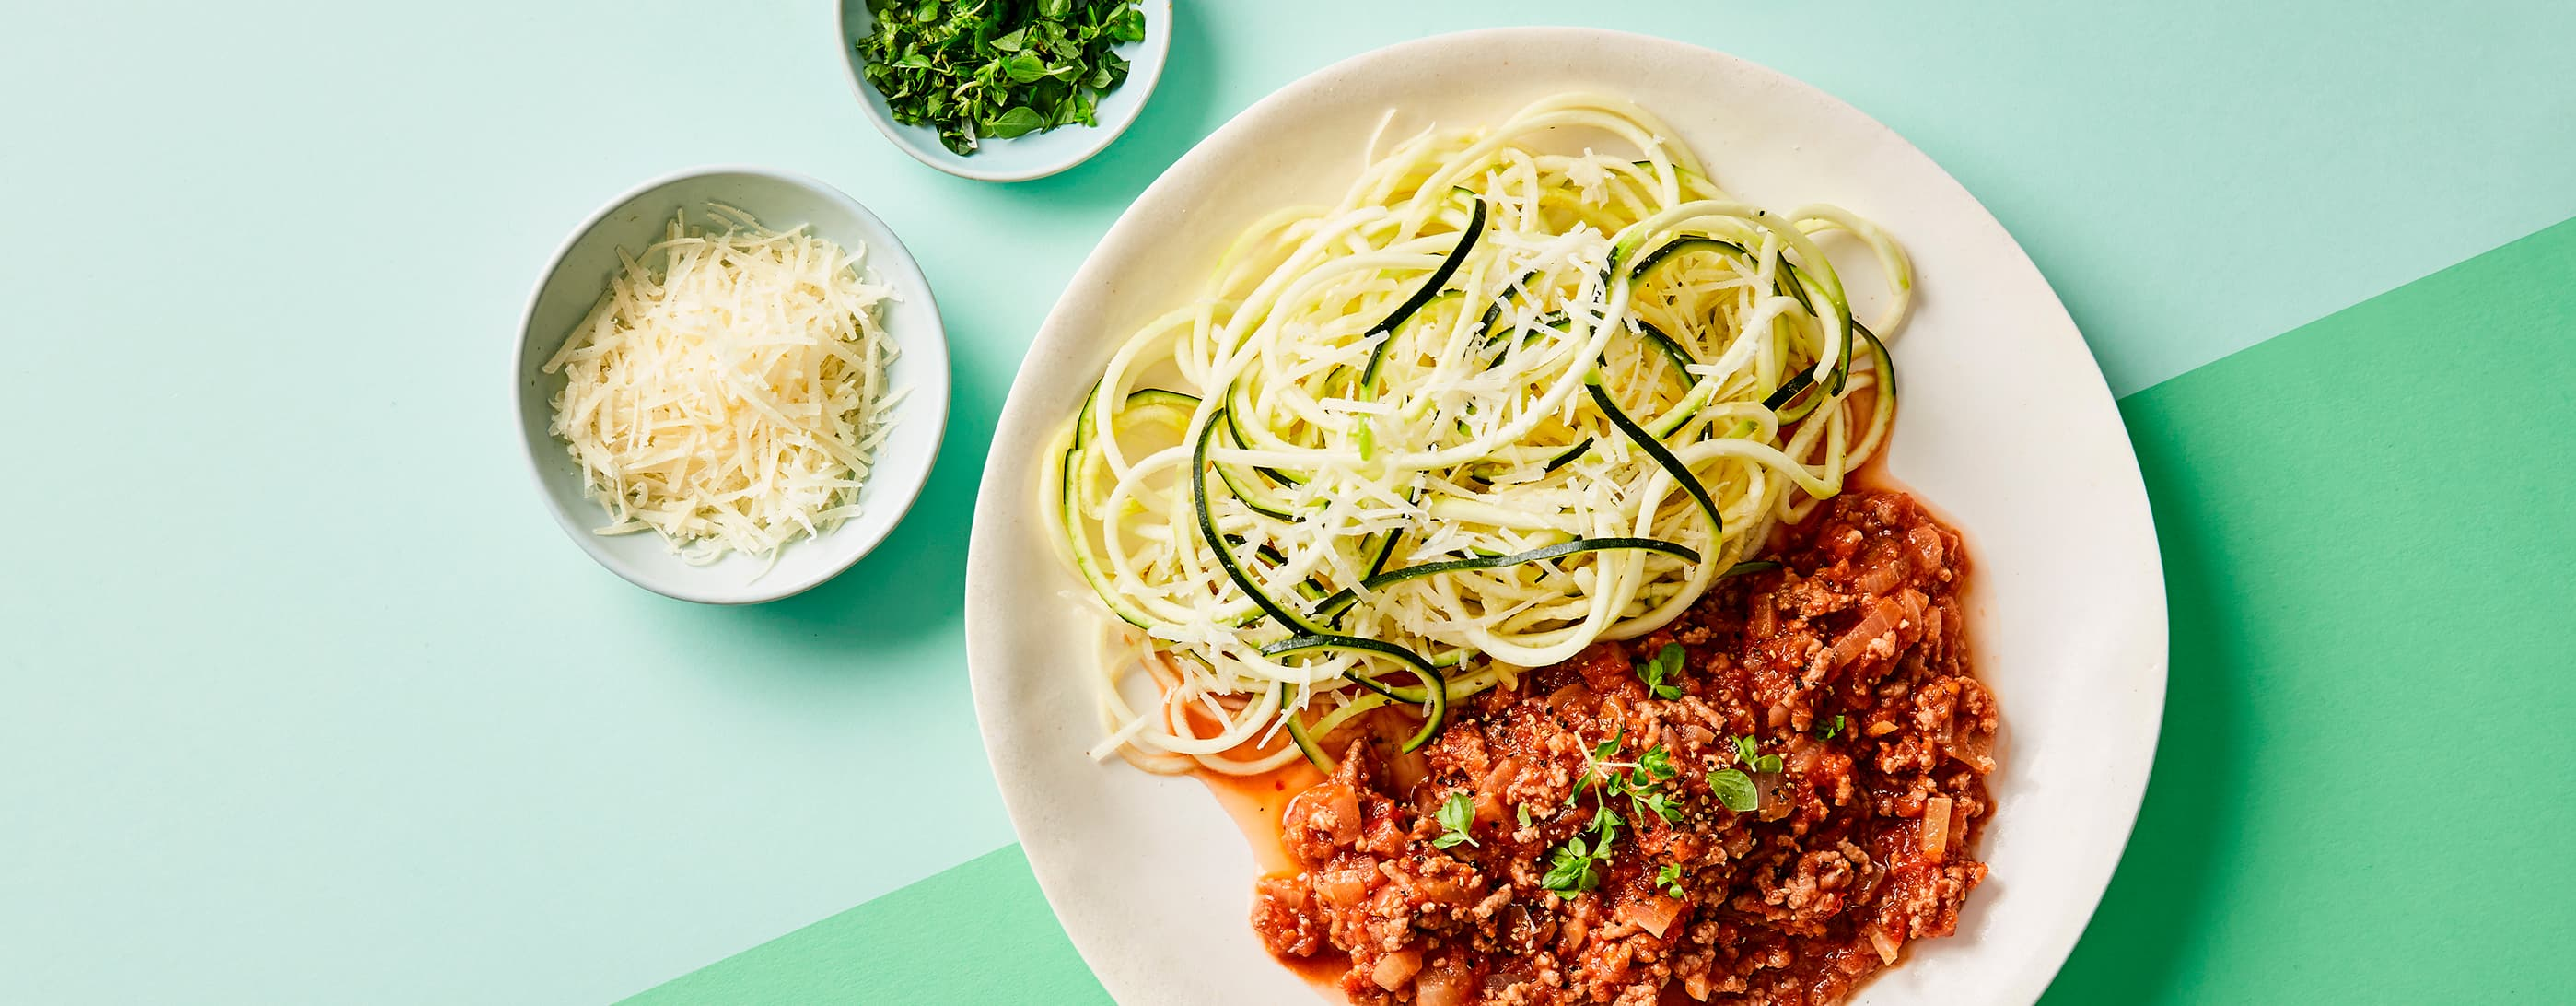 Middag for én: Squashpasta med bolognese